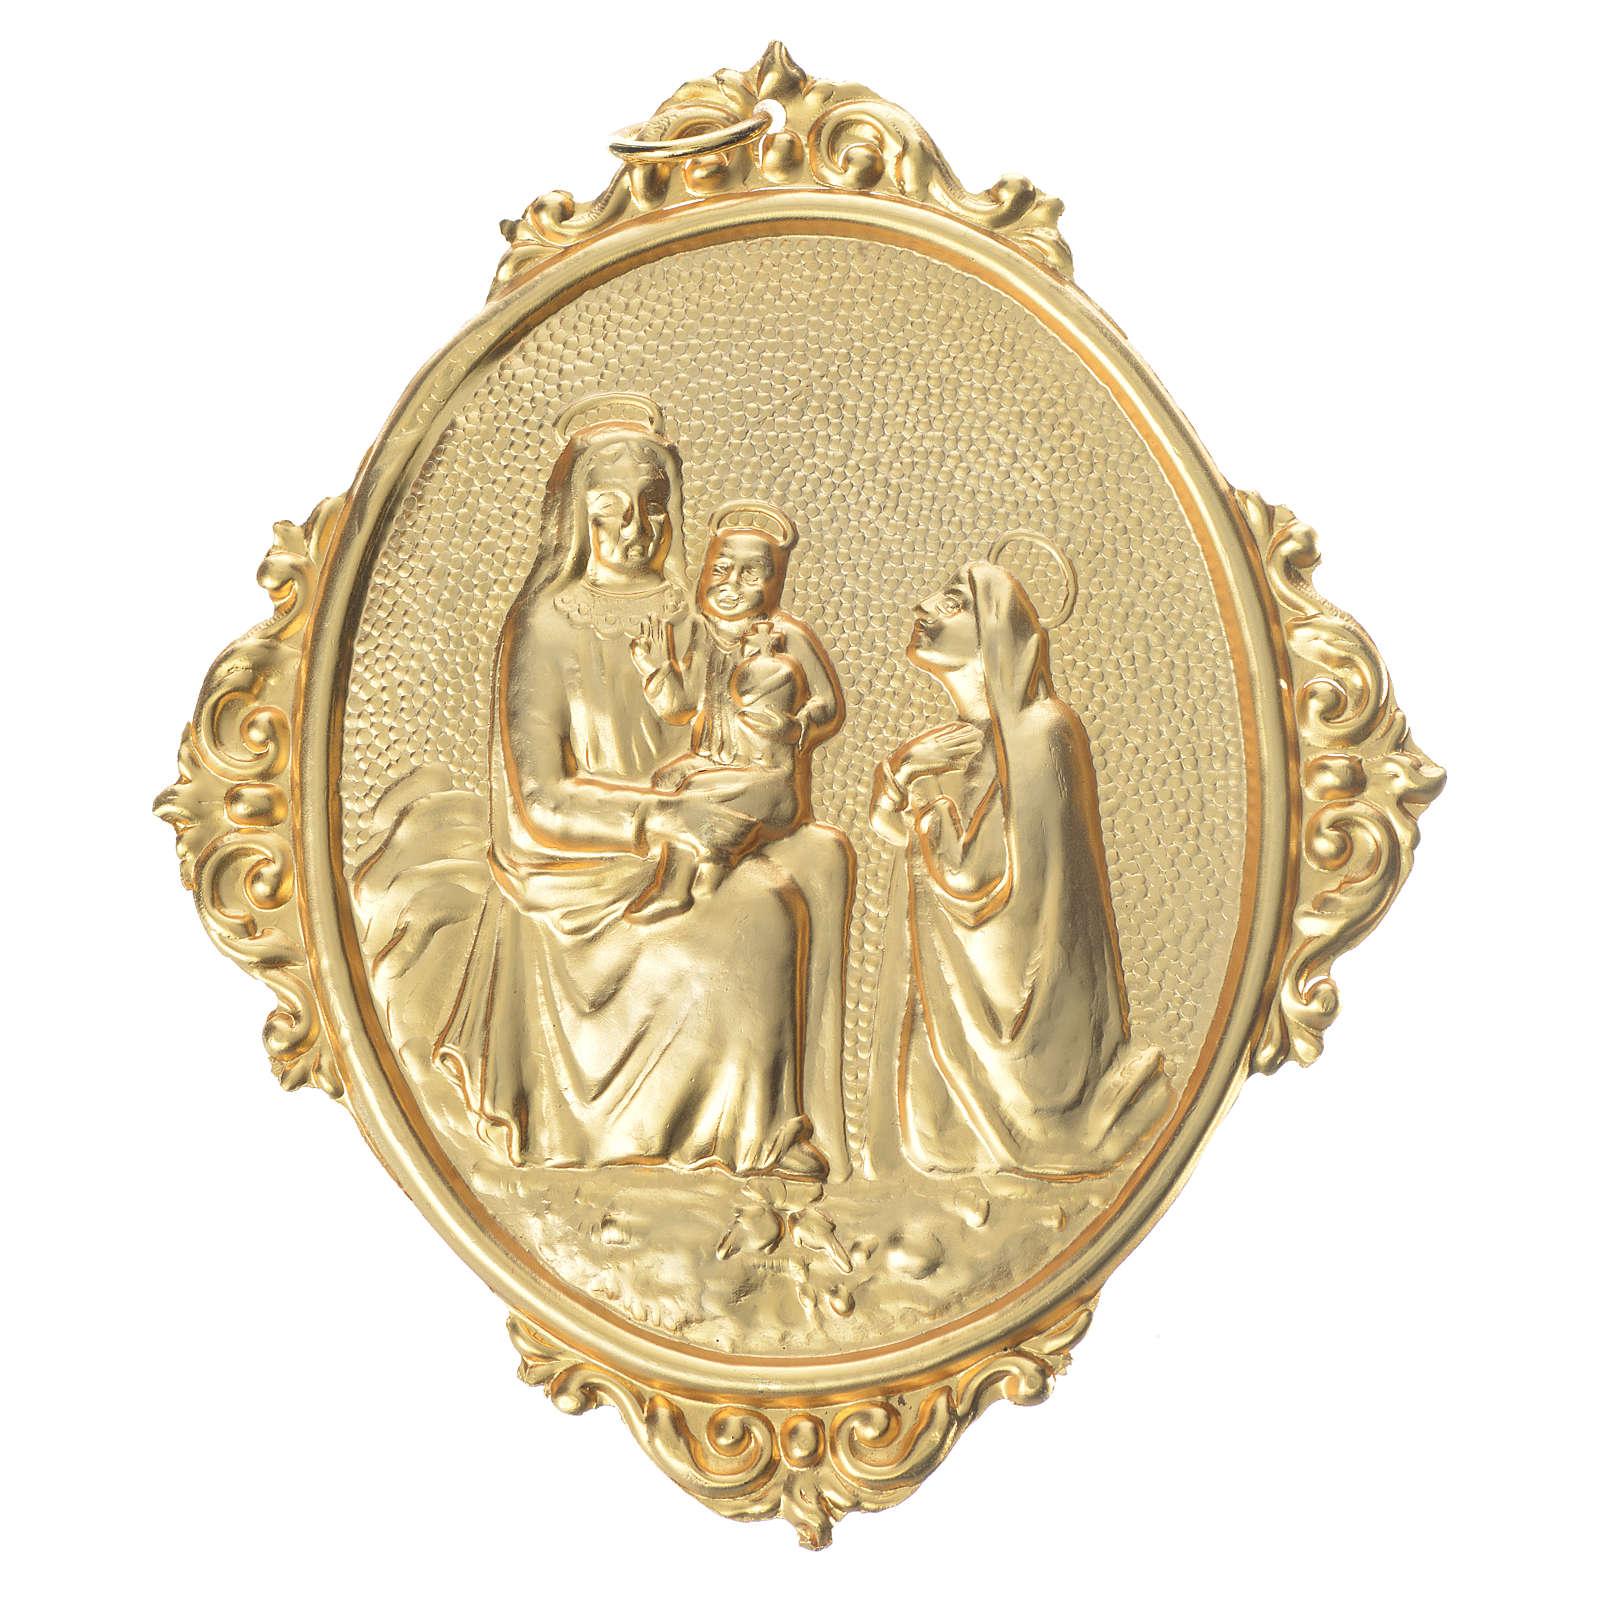 Medaglione confraternite Madonna con bambino ottone 3